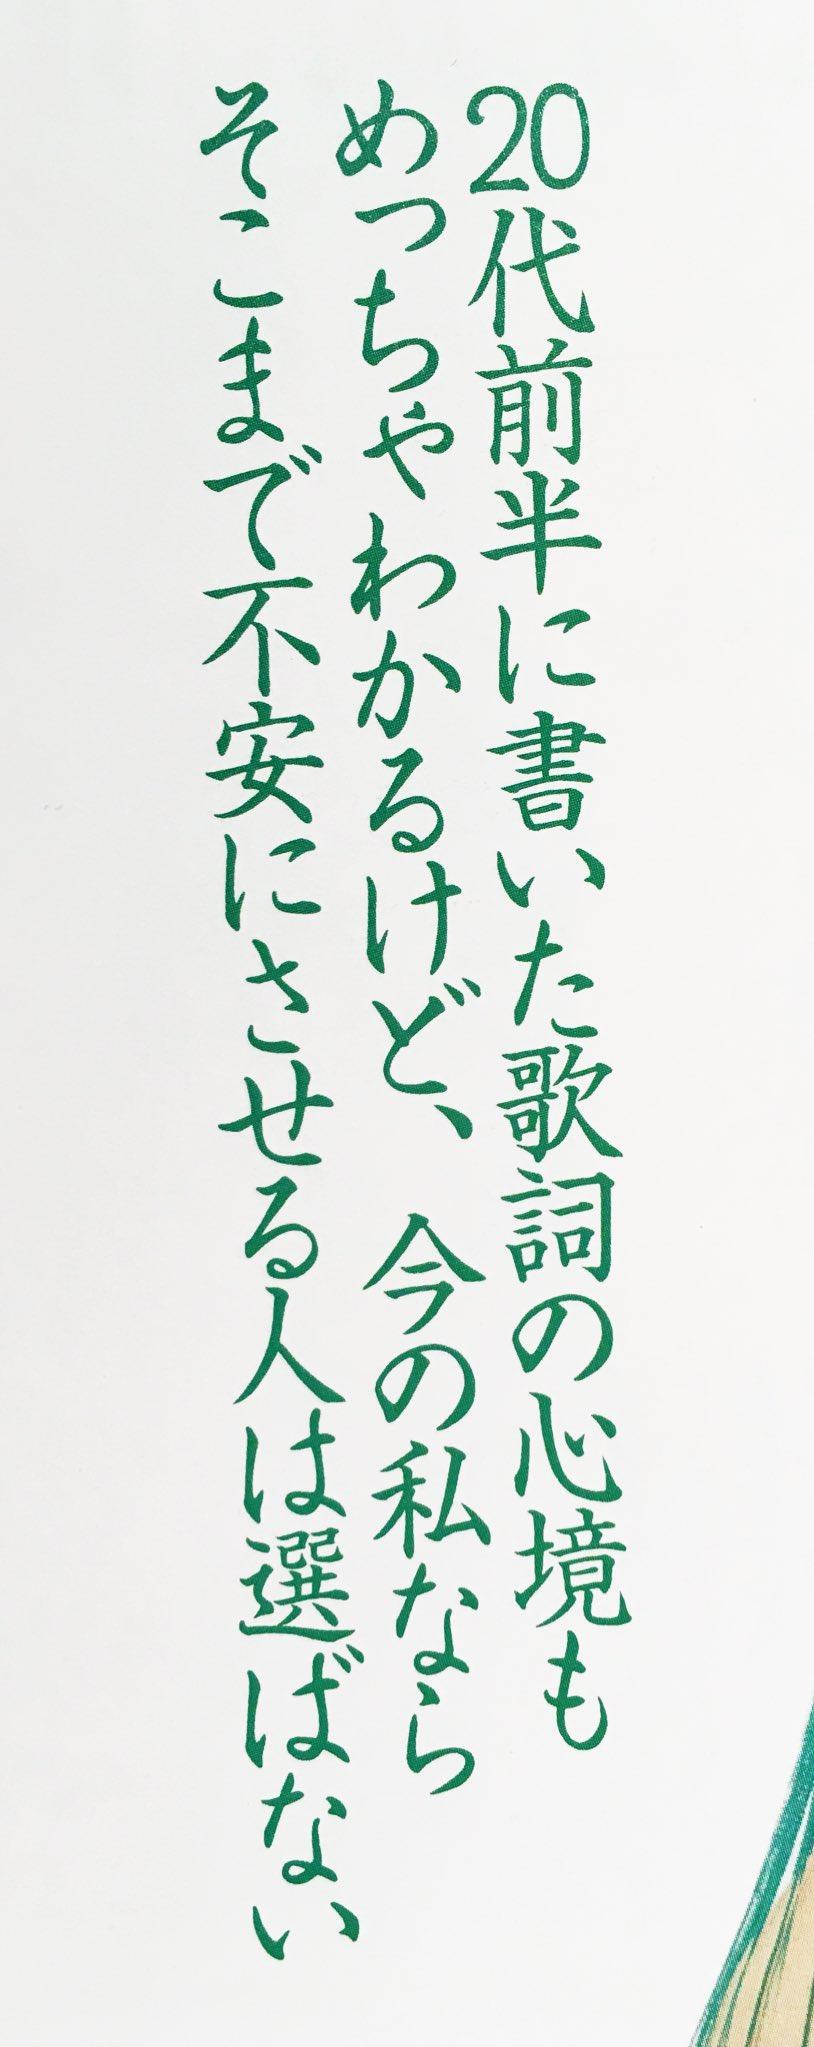 西野カナが過去の曲の歌詞の若さにやっと気付いたらしいww